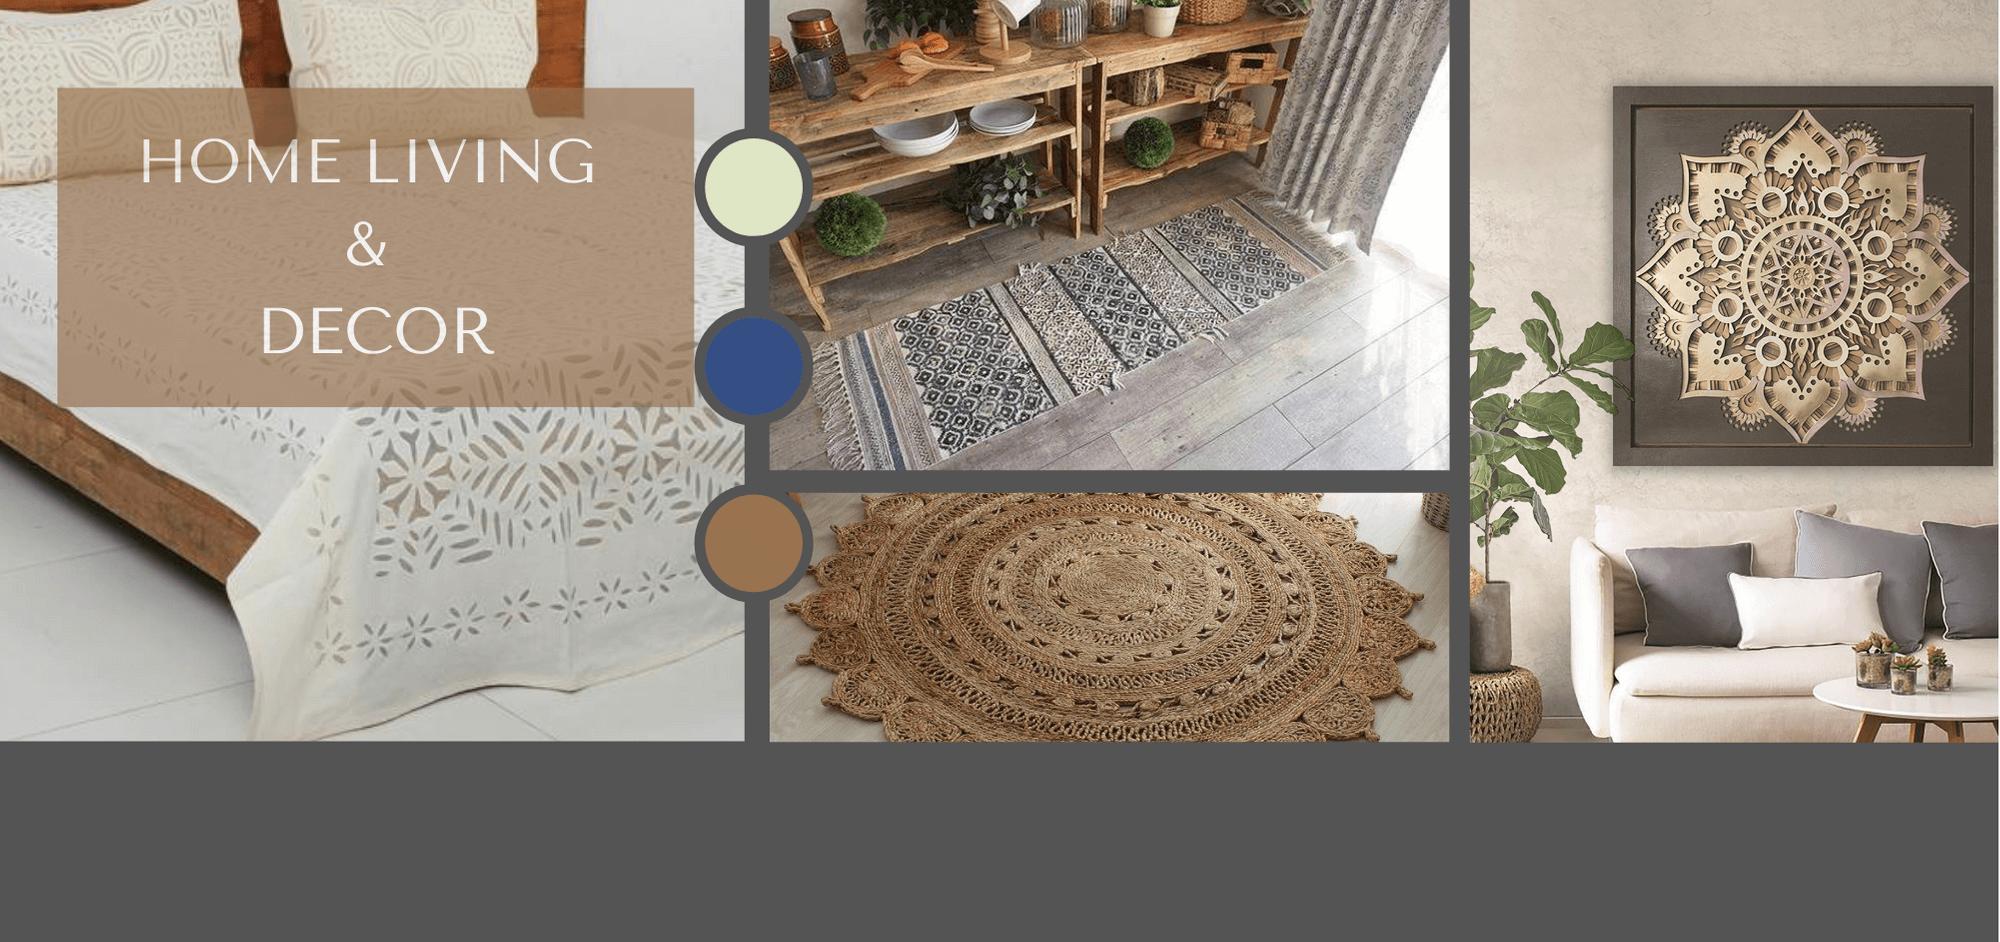 Home Living & Decor